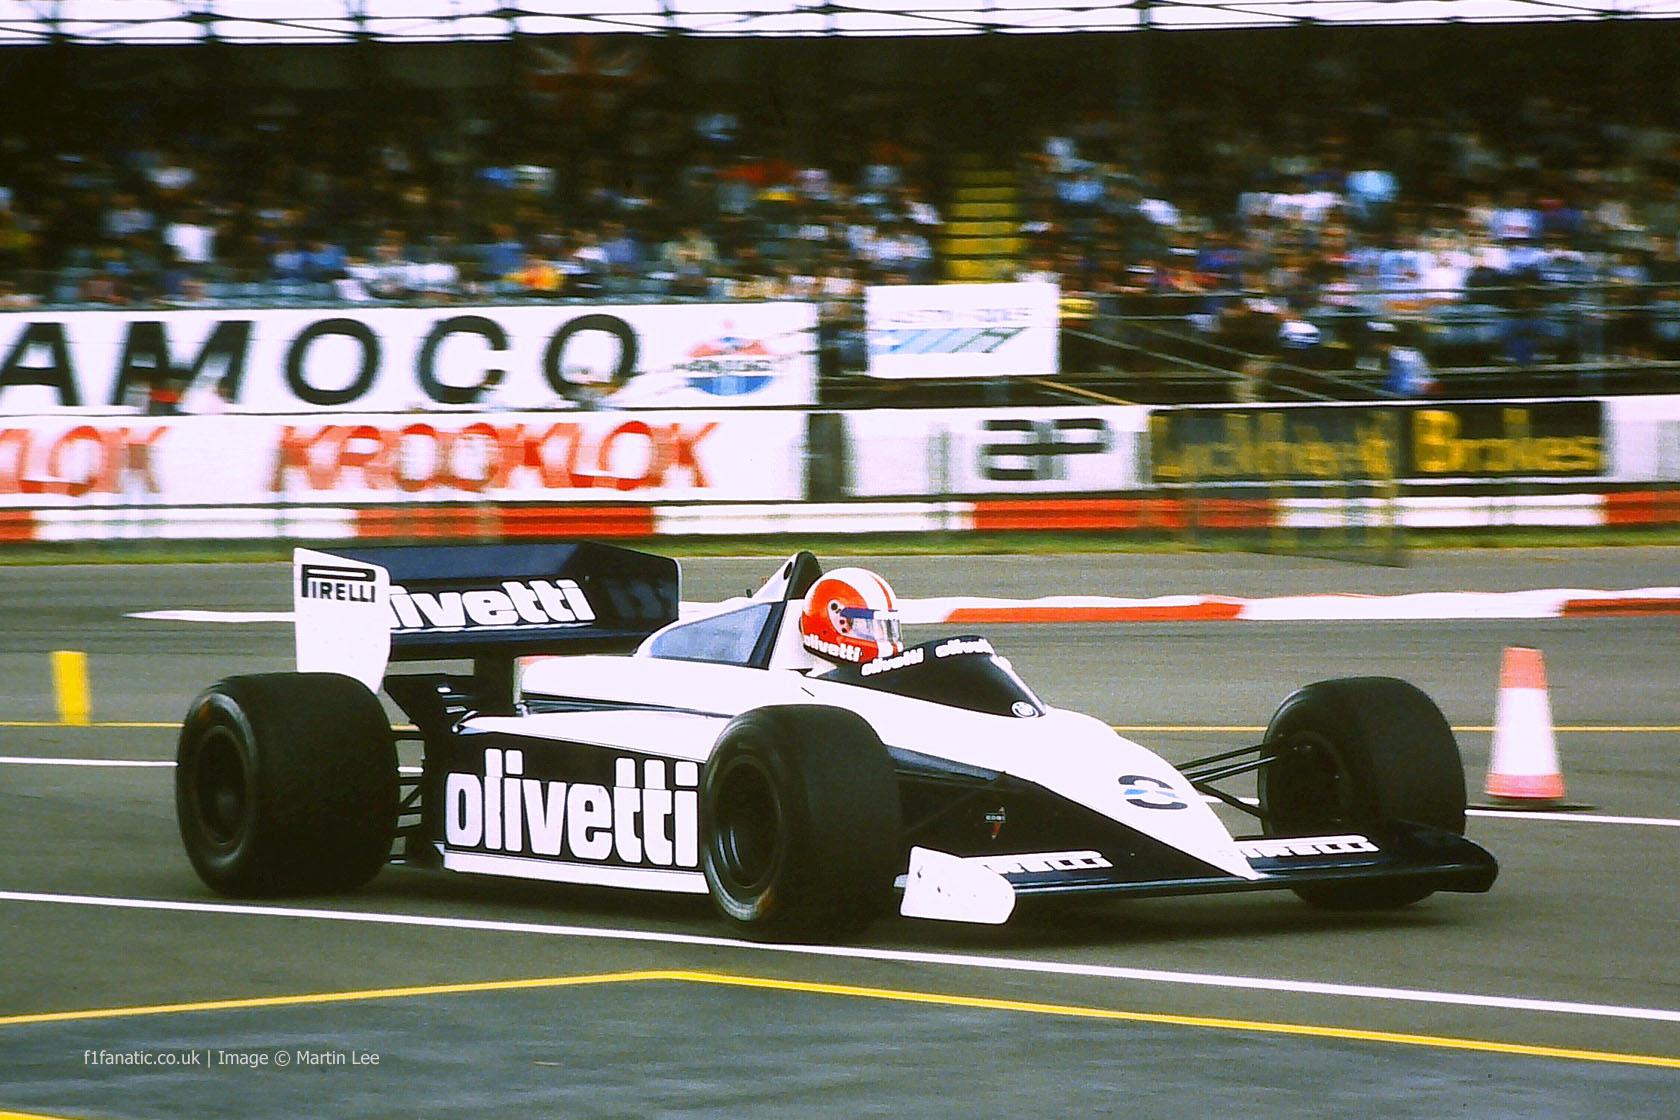 Marc Surer, Brabham, Silverstone, 1985